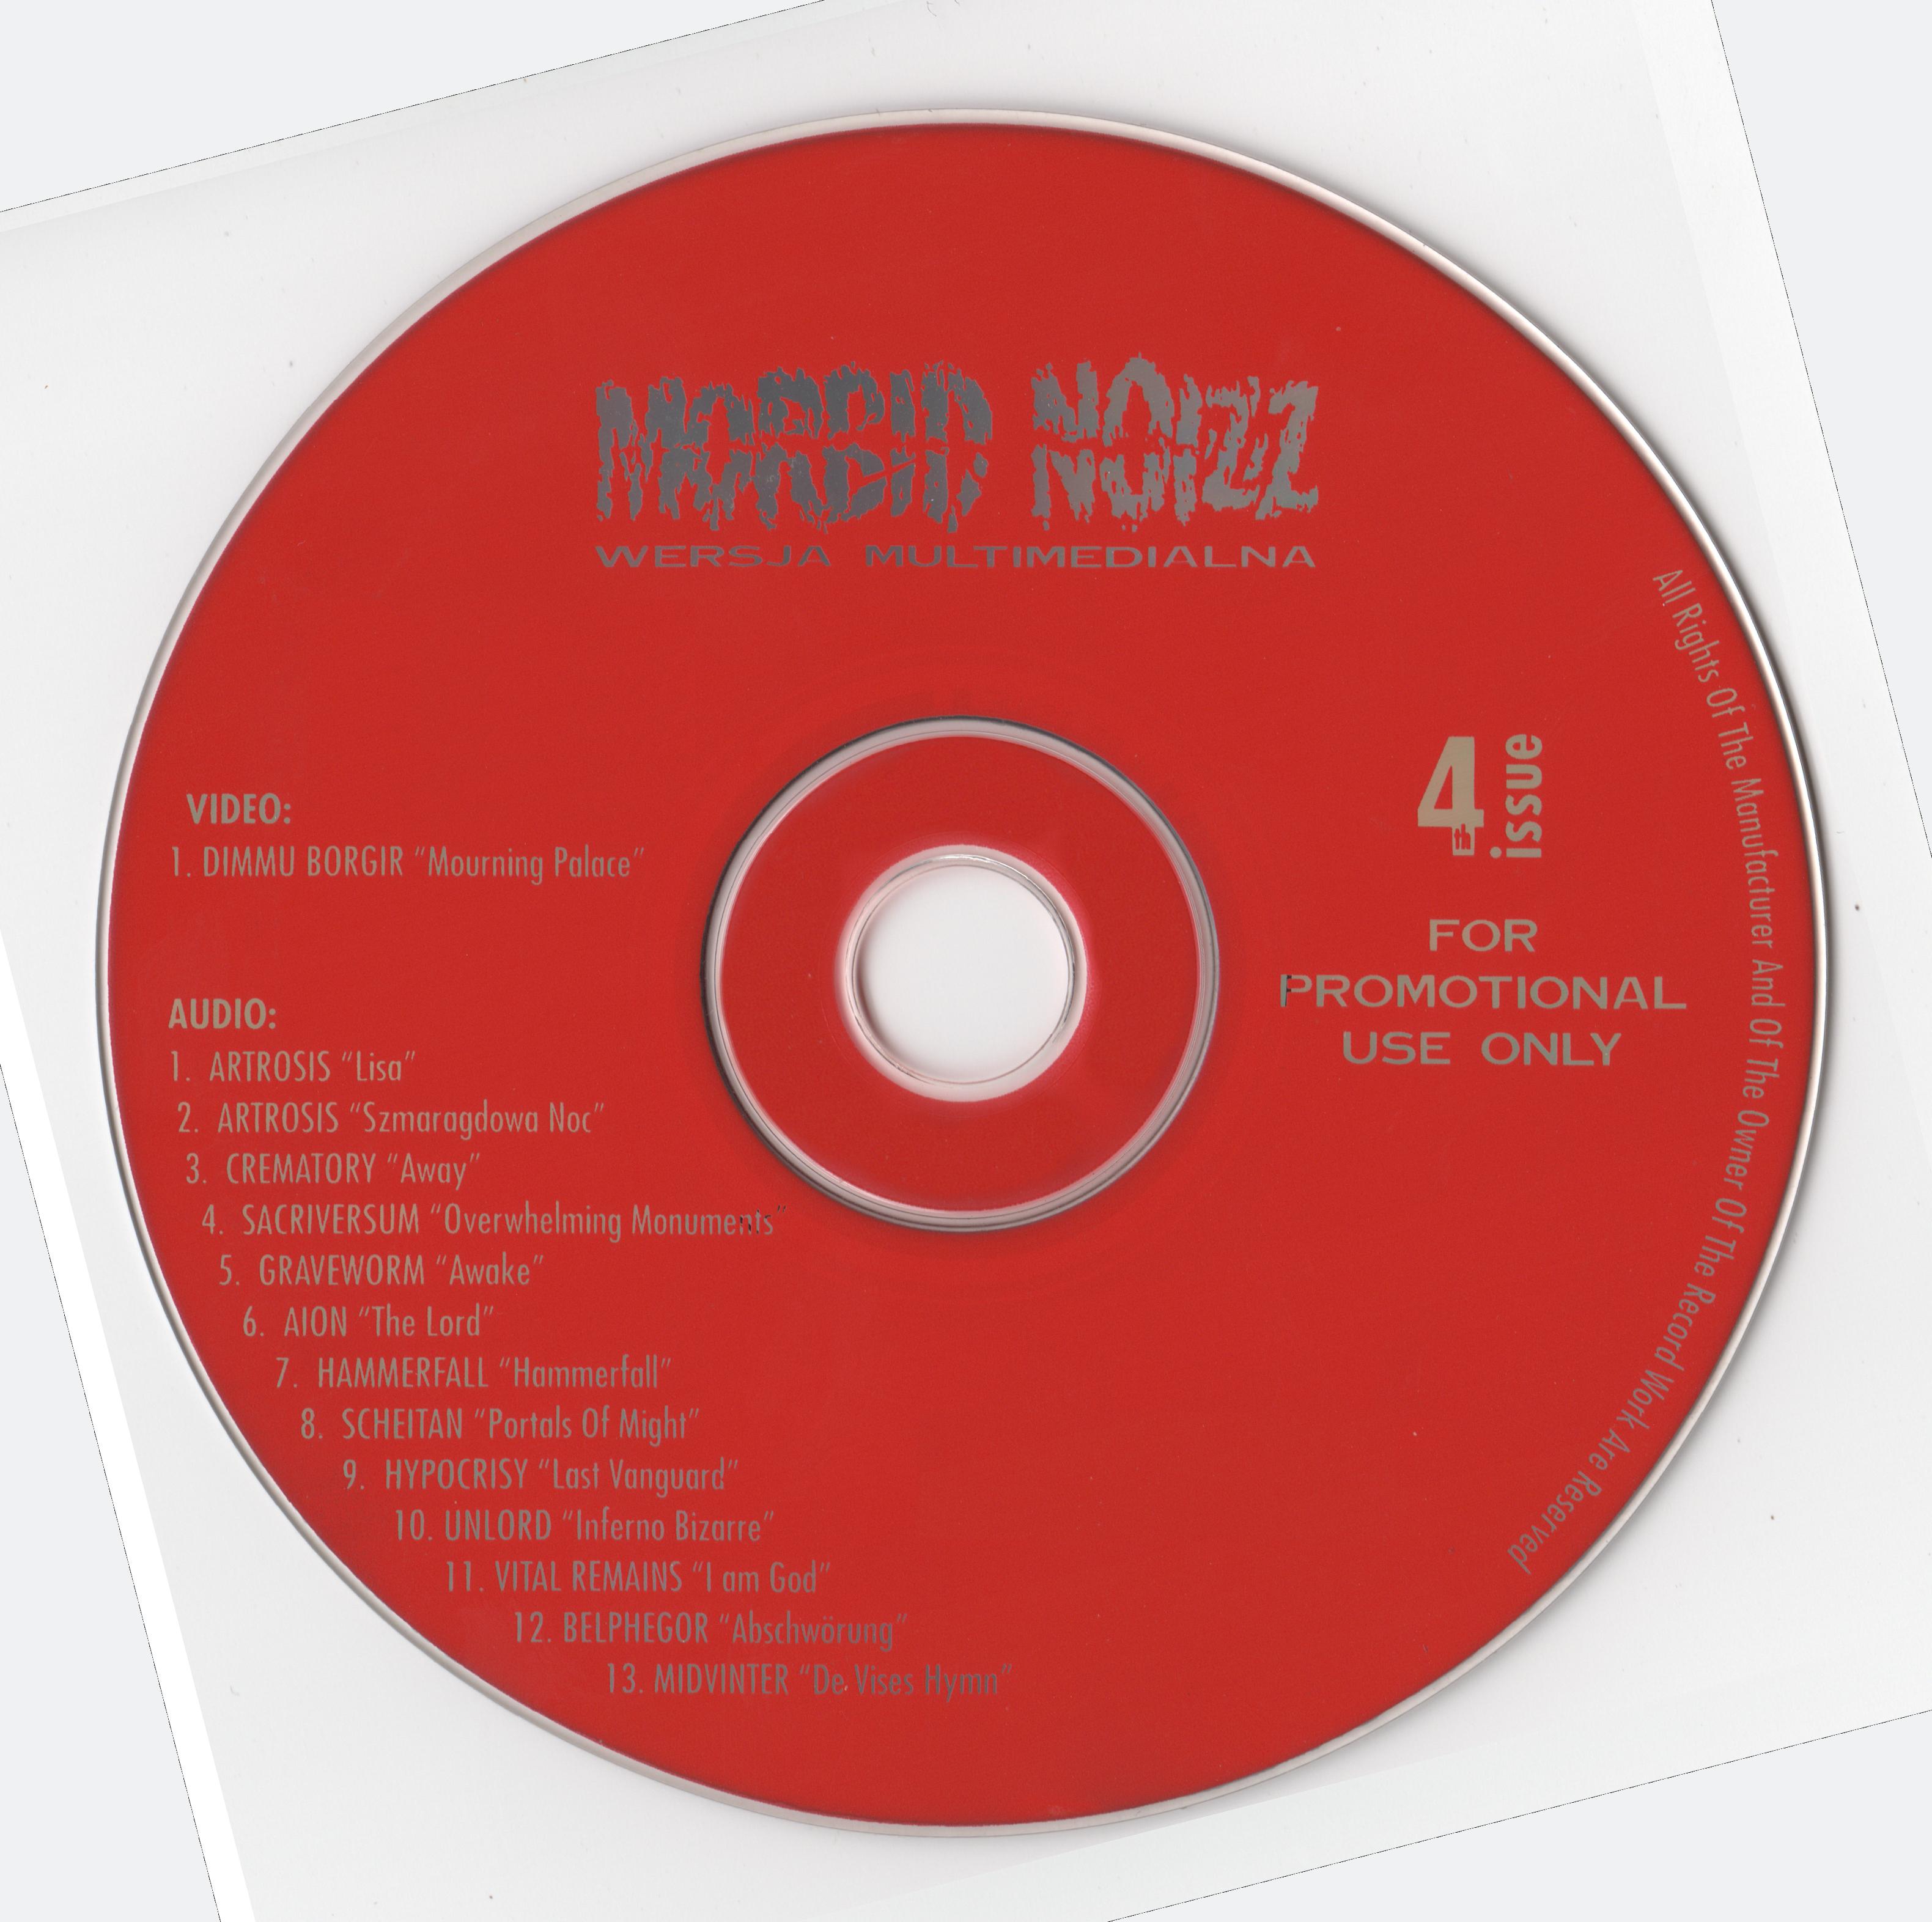 Skład – Norbid Noizz 4 Issue